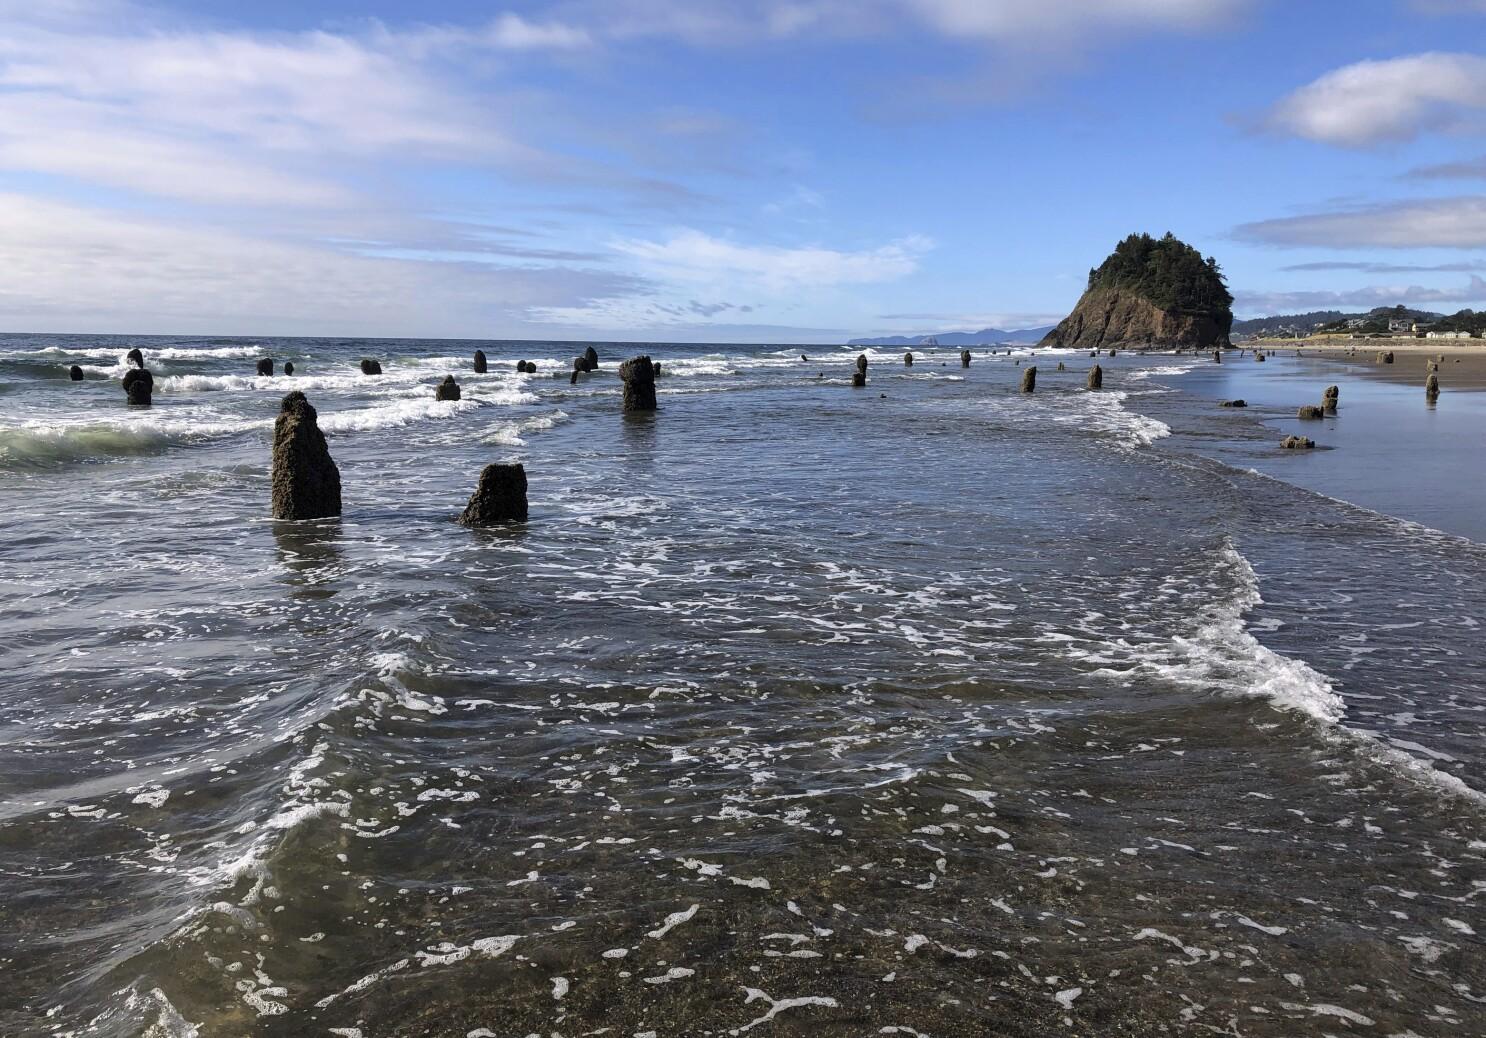 Critics blast Oregon's repeal of building ban in tsunami zones